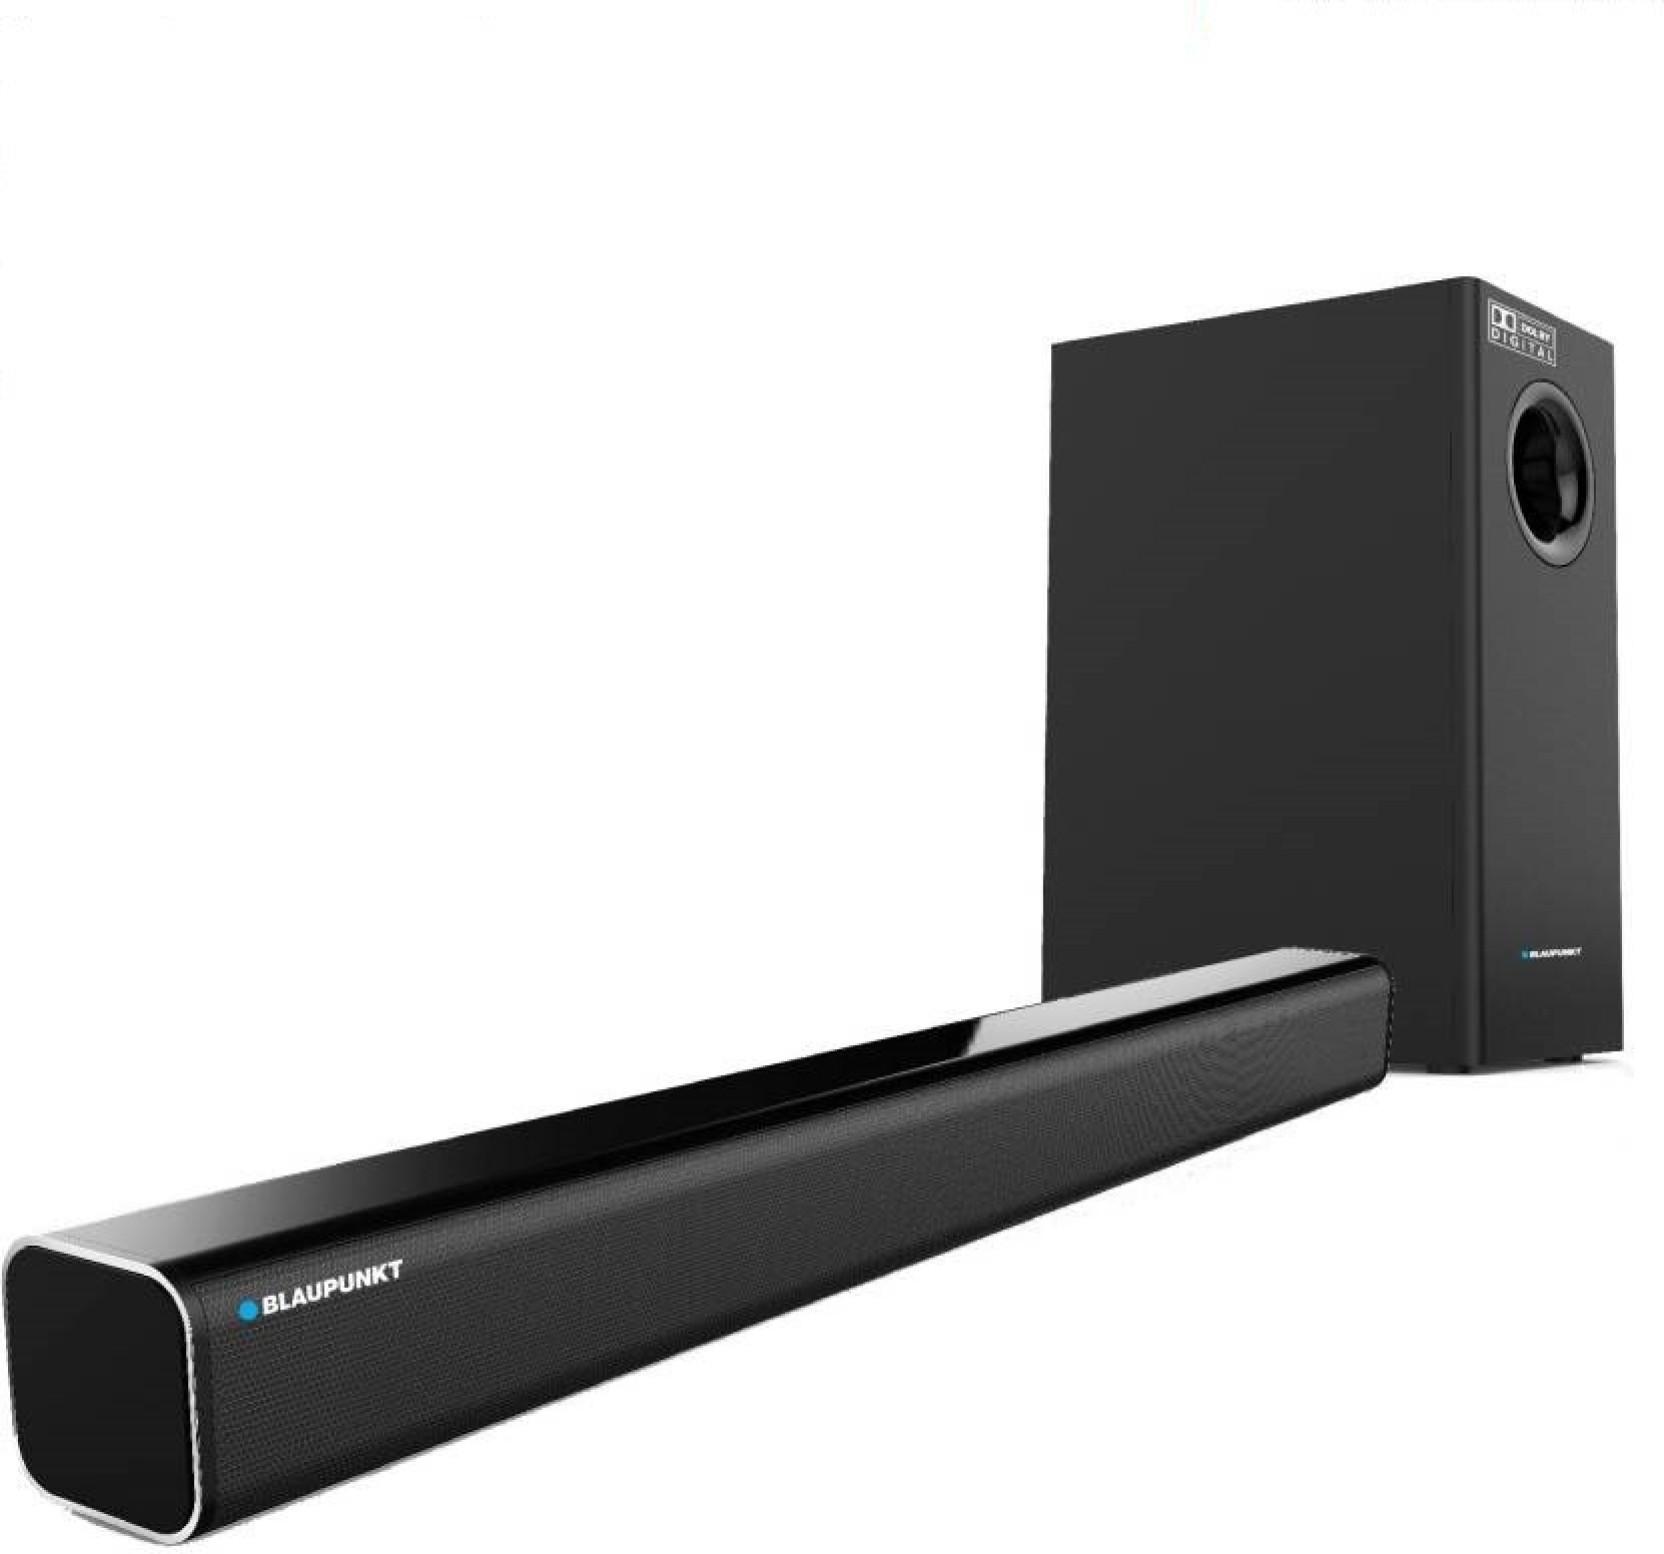 blaupunkt-sbw-01-original-imaeycjem3qh88vy Home Stereo Speaker Plans on audio speaker plans, monitor speaker plans, diy speaker plans, car speaker plans, phone speaker plans, eminence speaker plans, dual speaker plans,